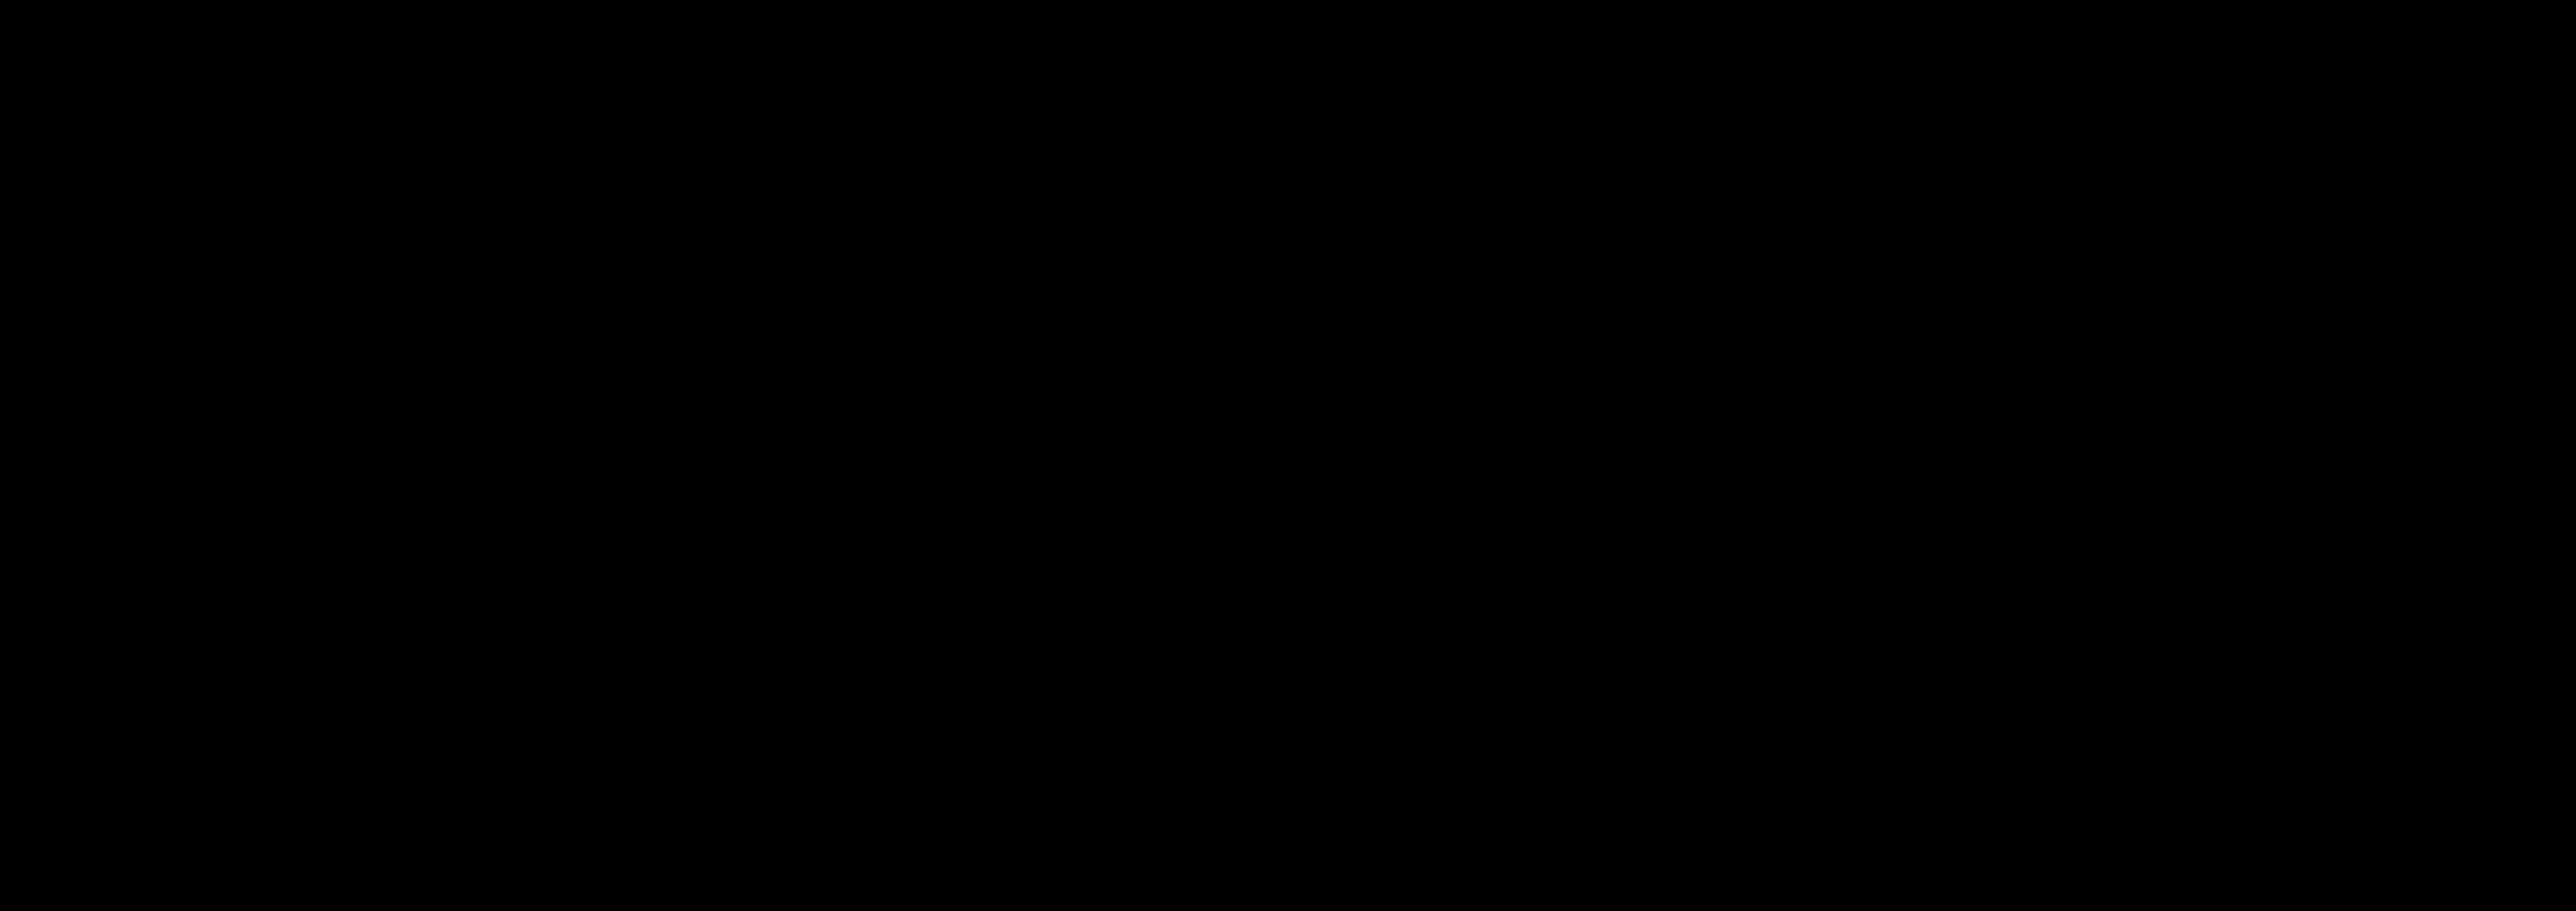 Blauwdruck Zwolsch Warenhuis bestaat 4 oktober 2018  5 JAAR! Kunst,koffie en ateliers